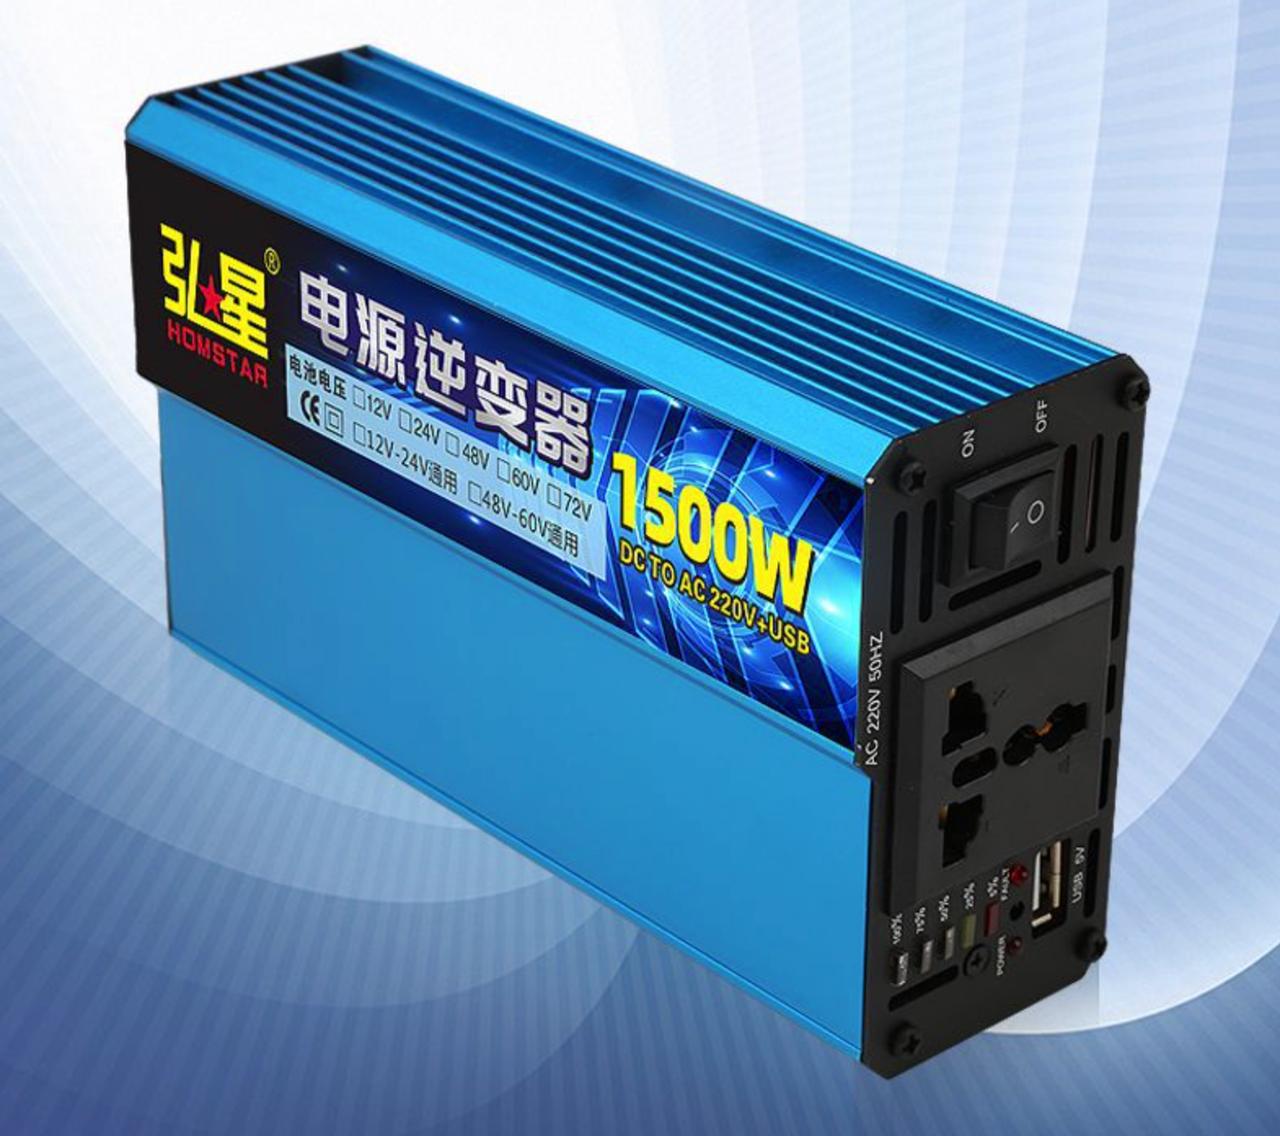 Инвертор напряжения Voltronic, 1500W, 48